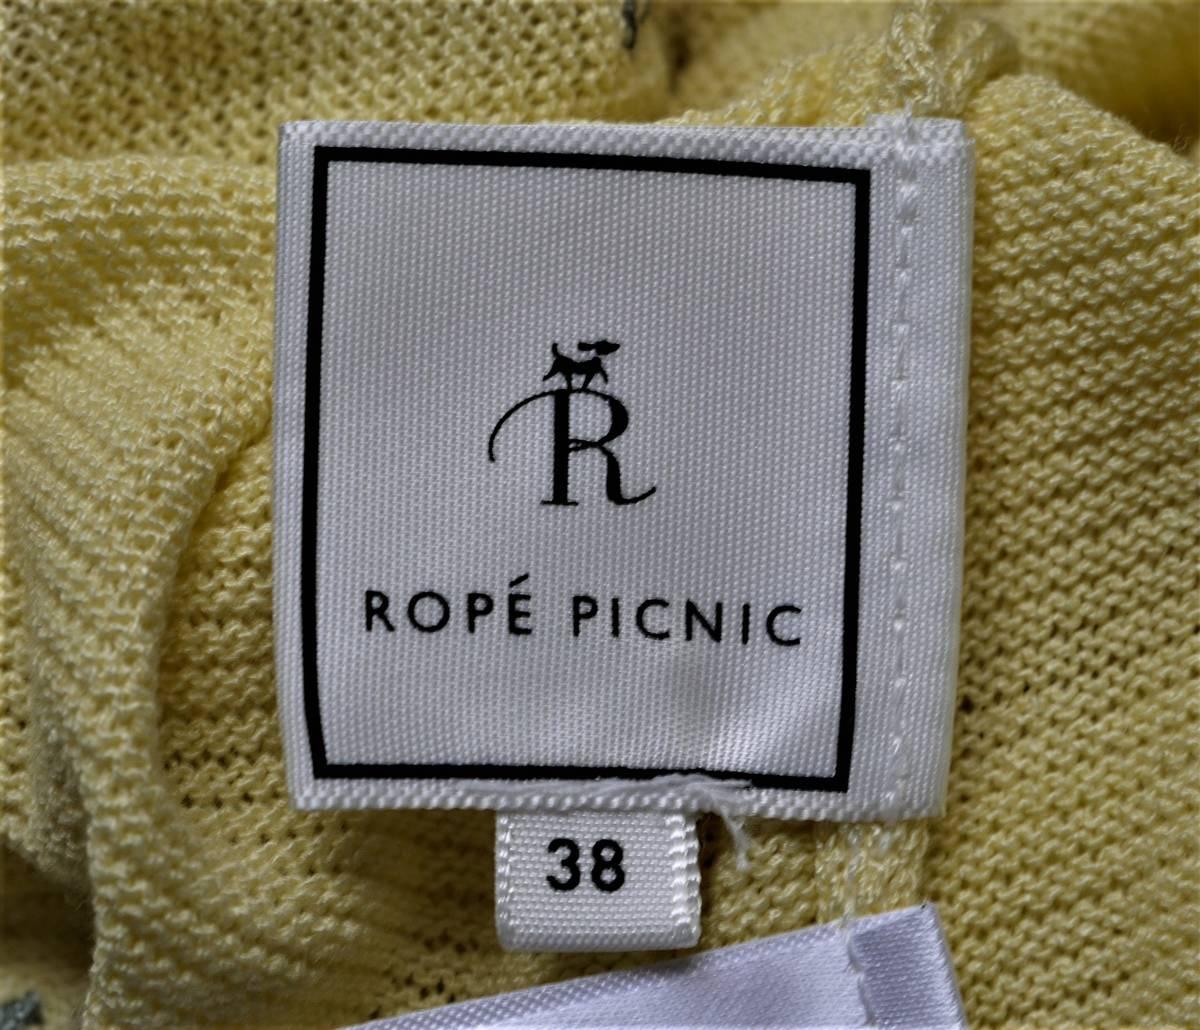 送料無料 Rope Picnicロペピクニック 半袖サマーセーター